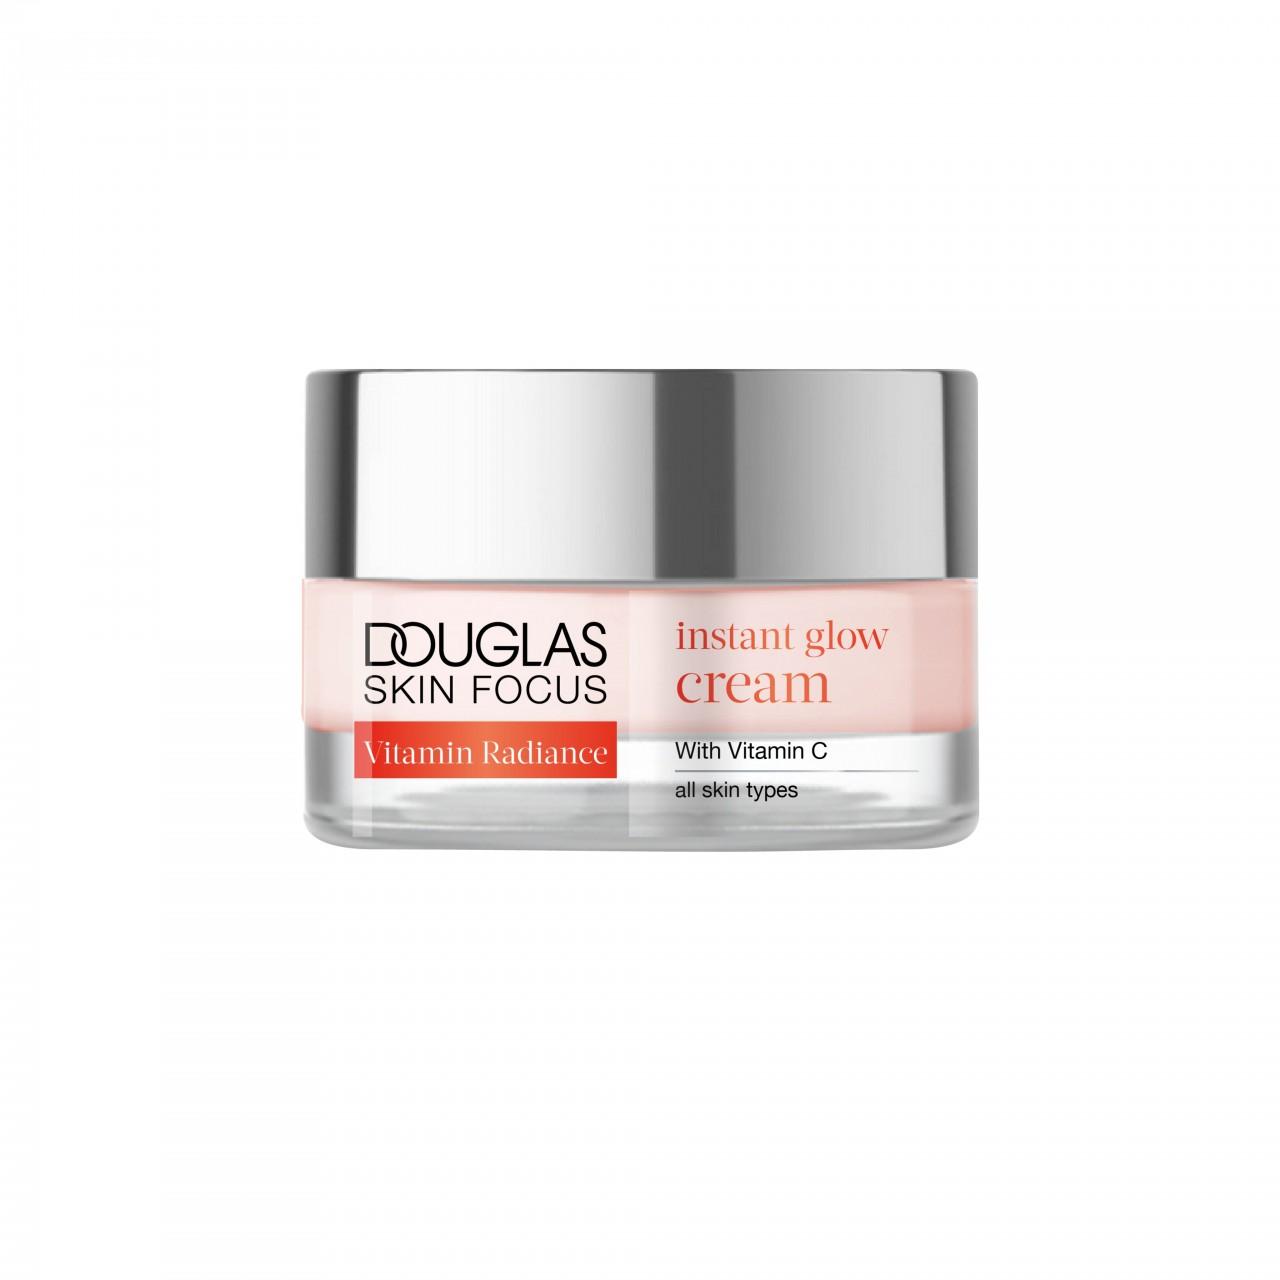 Douglas Focus Instant Glow Cream